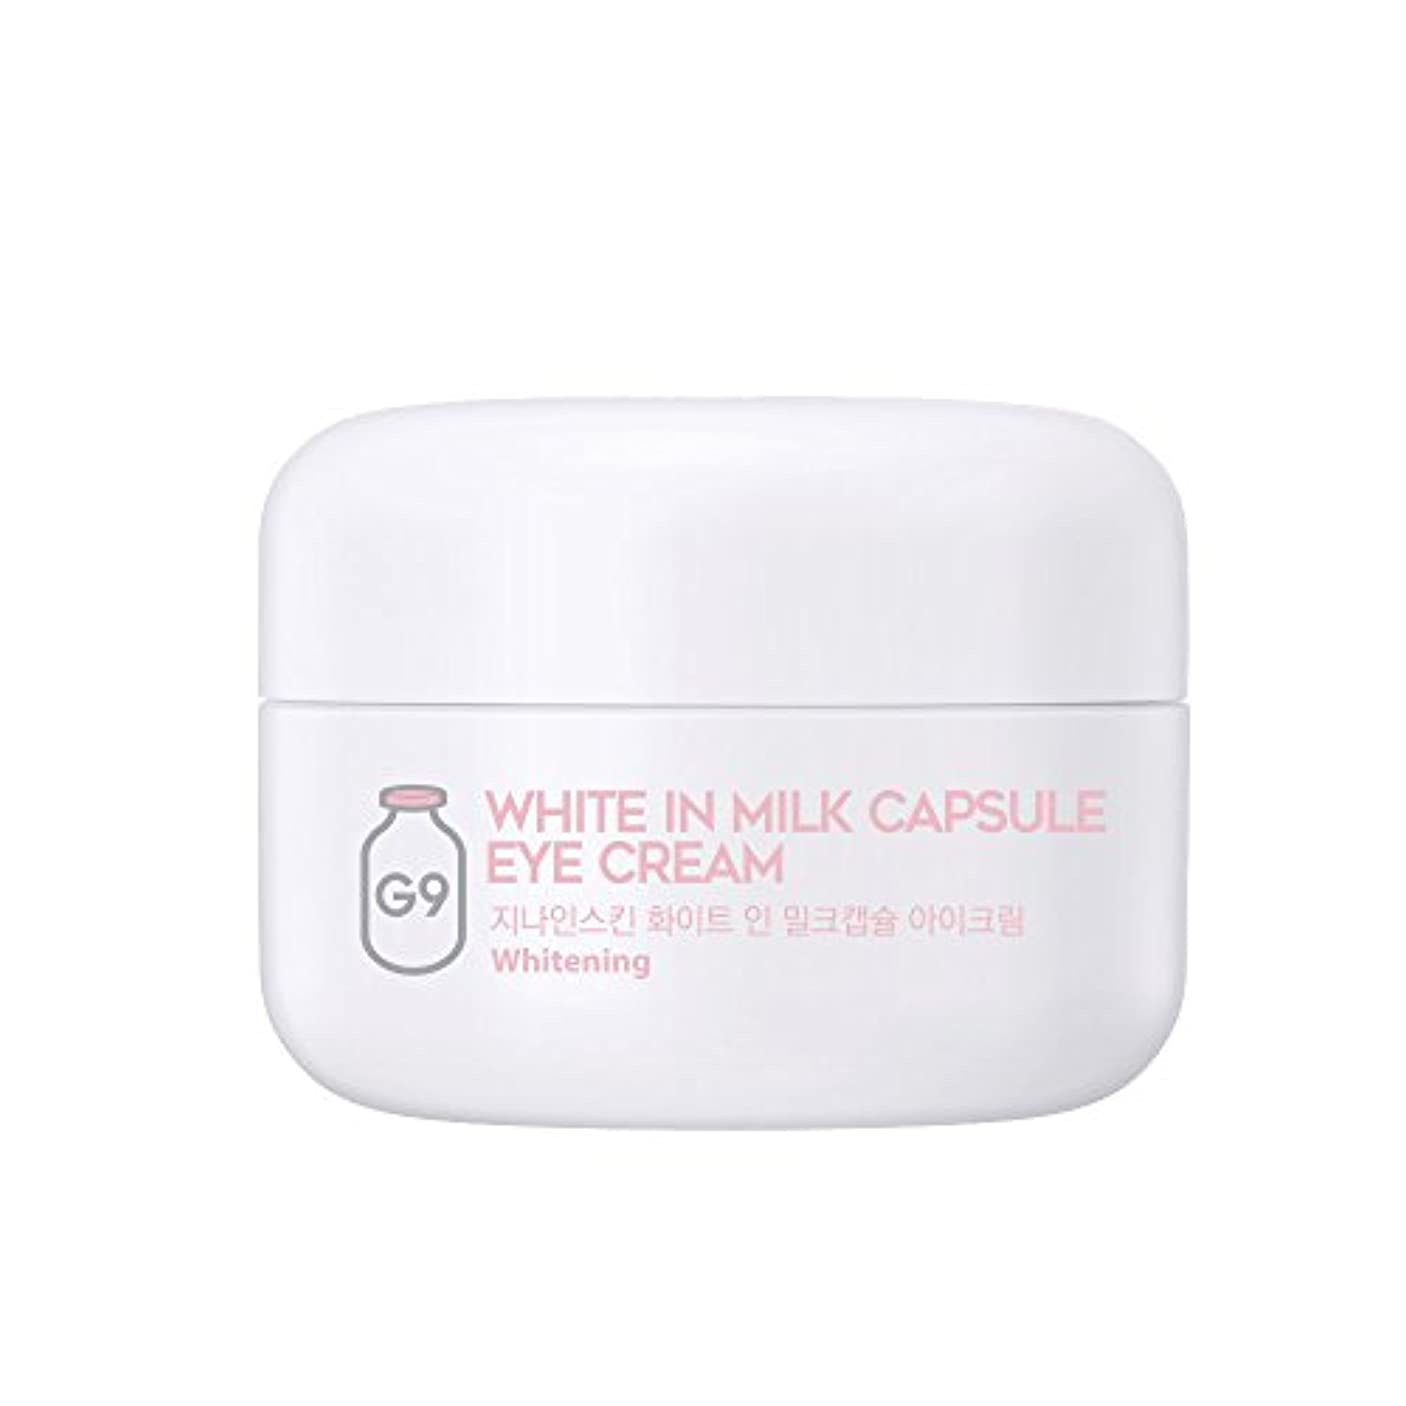 美しい小道具放散するG9SKIN(ベリサム) White In Milk Capsule Eye Cream ホワイトインミルクカプセルアイクリーム 30g